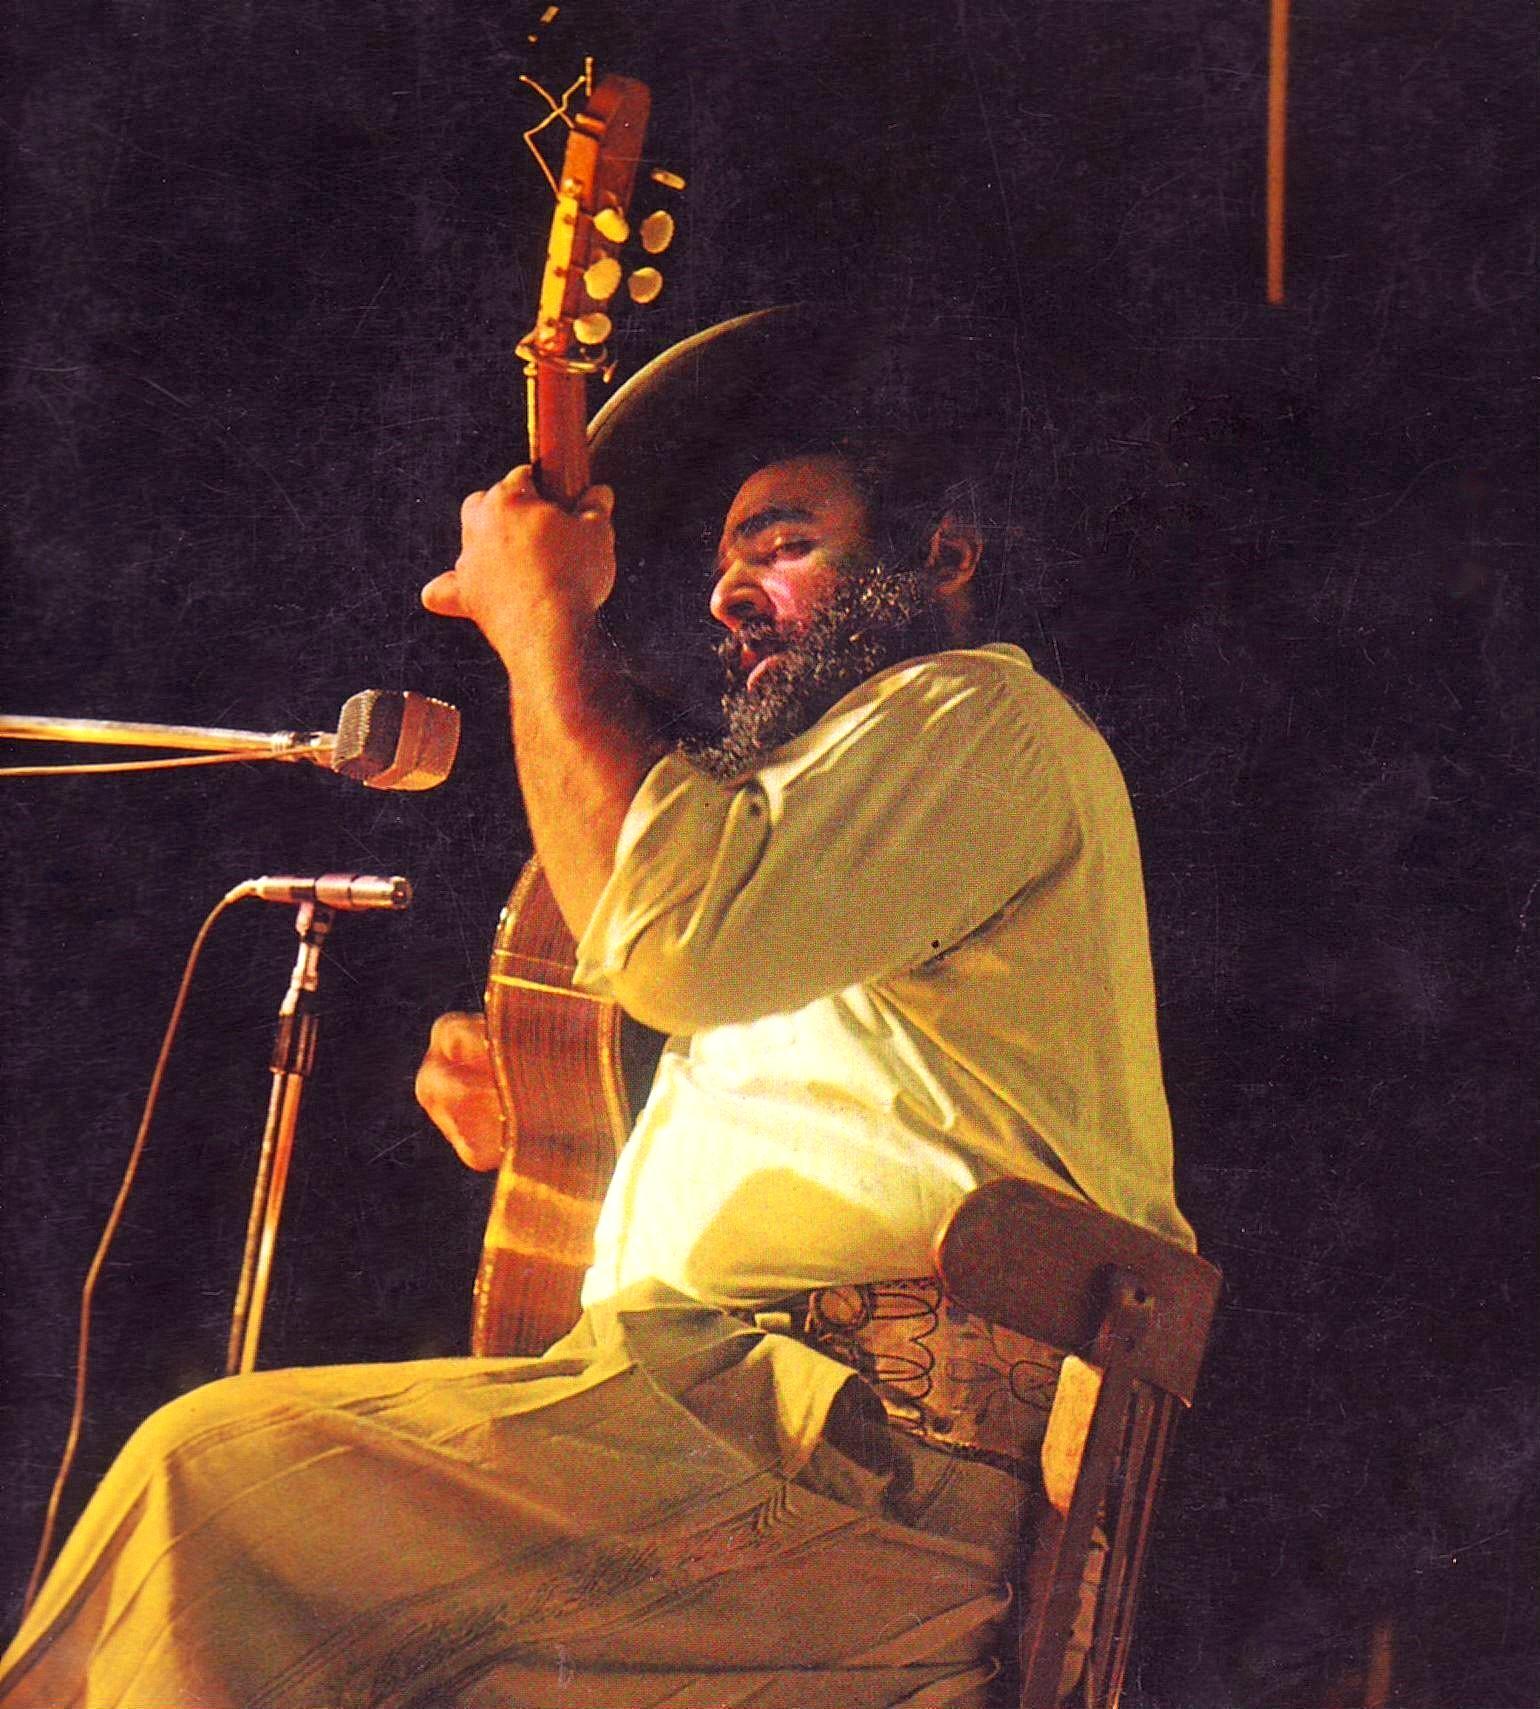 Cafrune durante una presentación, a comienzos de los años setenta.